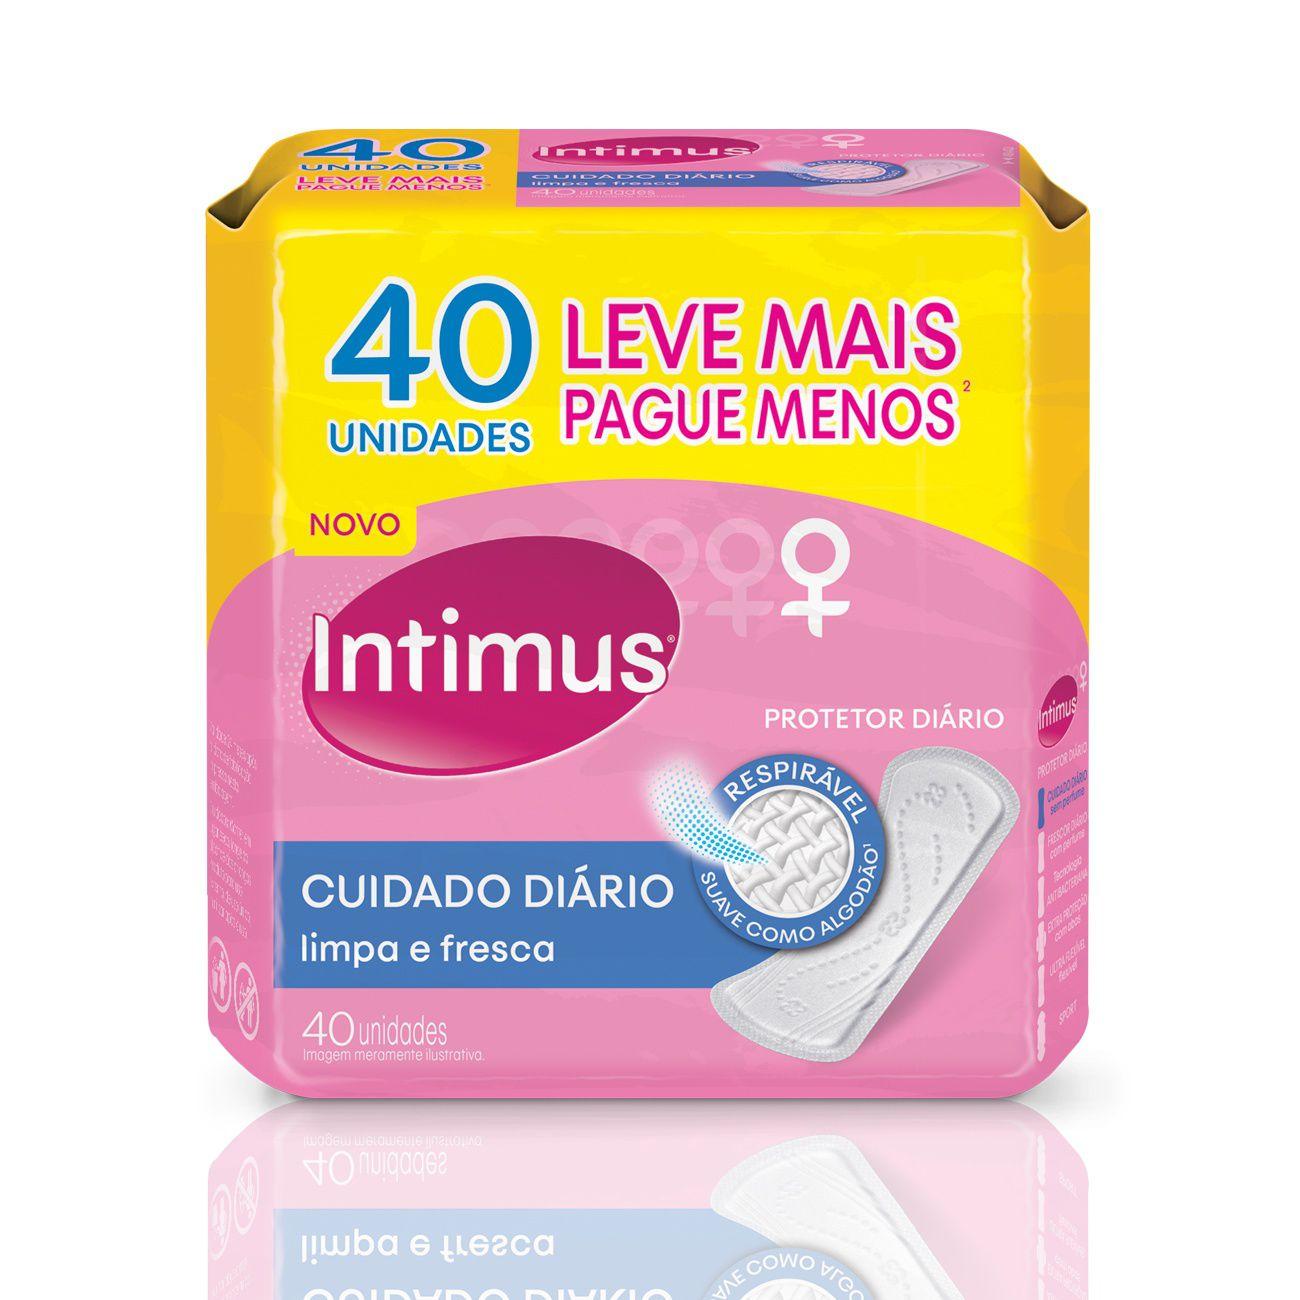 Protetor Diário Intimus Ultra Flexivel - 40 unidades